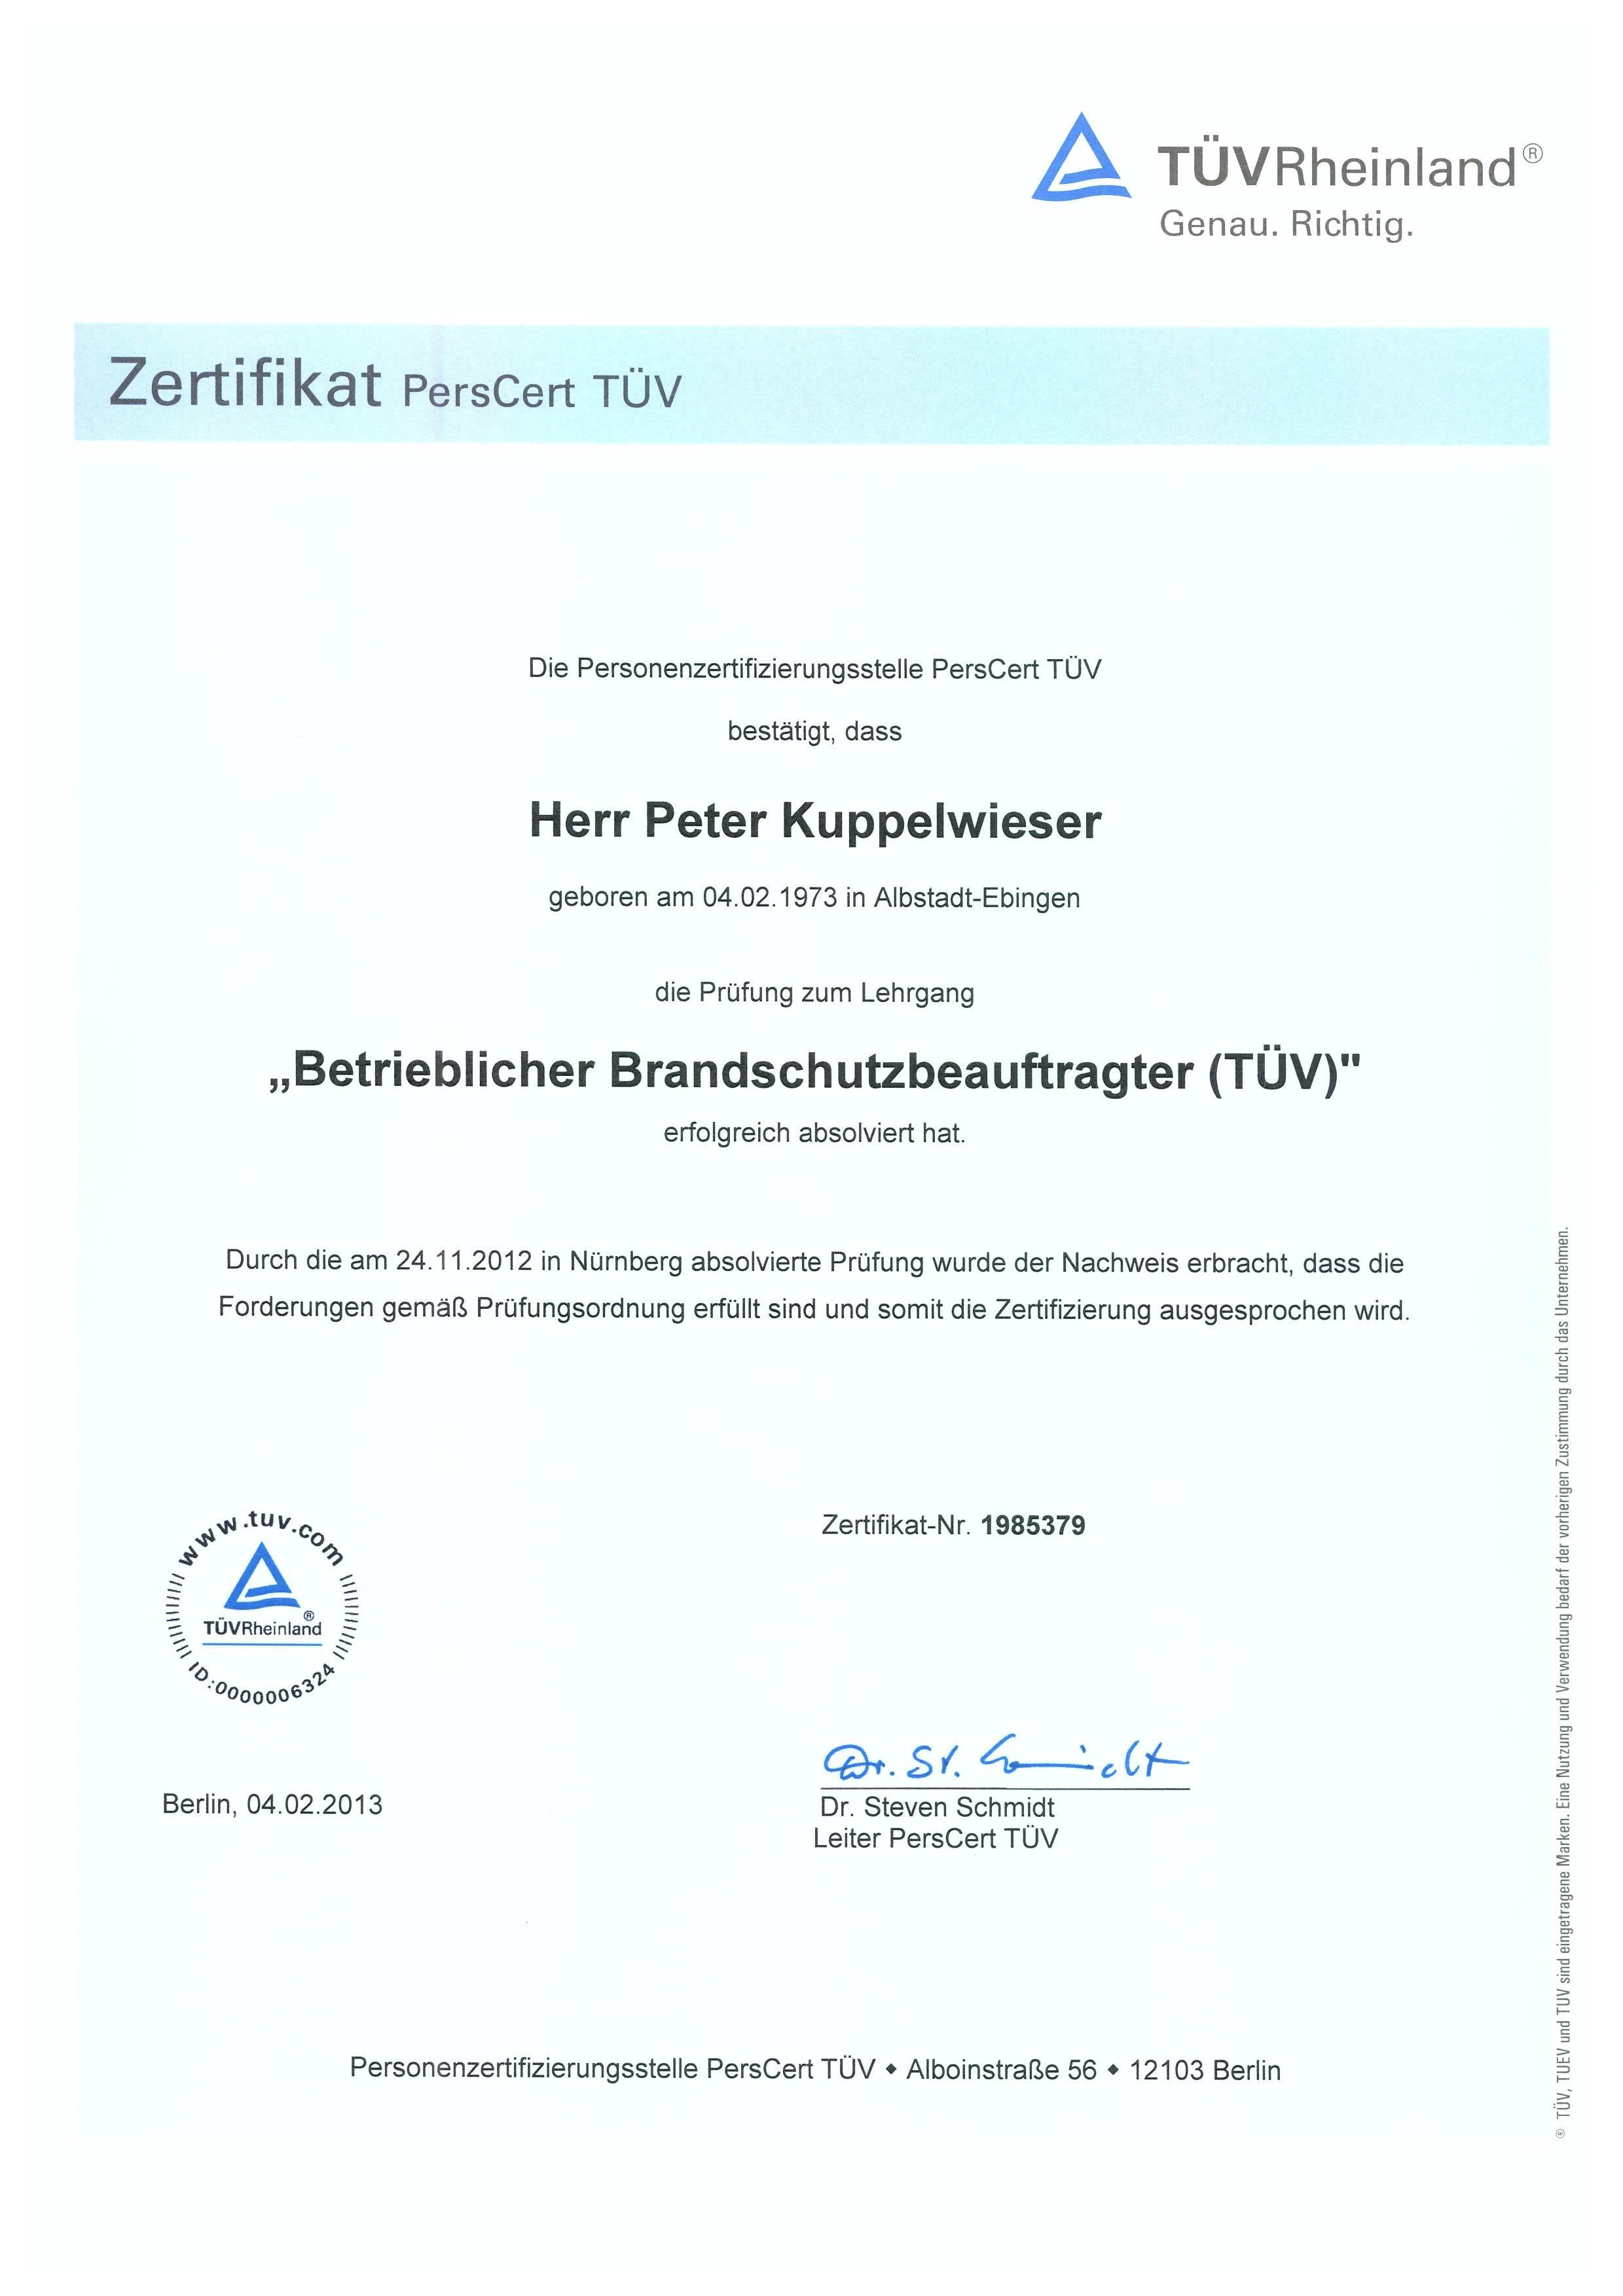 Betrieblicher_Brandschutzbeauftrager